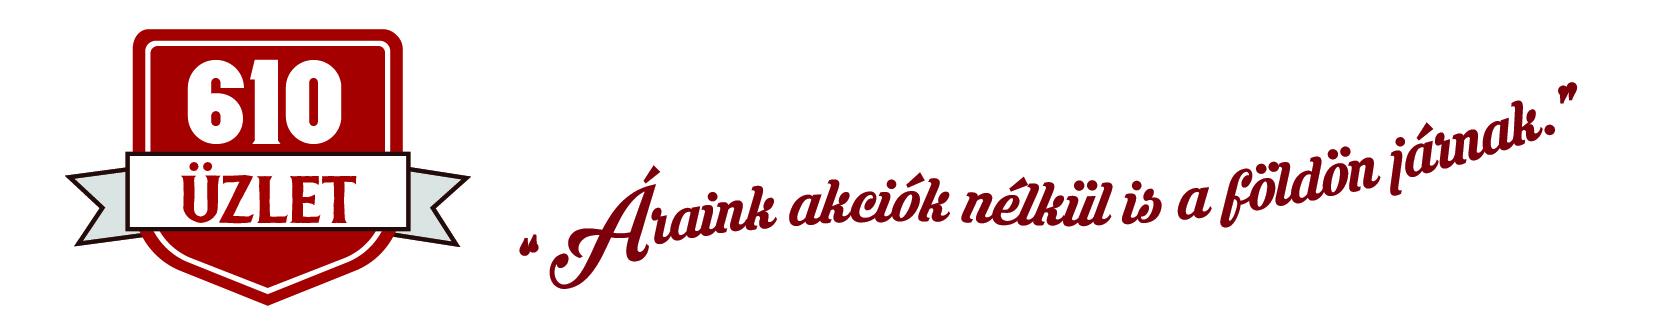 610.hu Logo